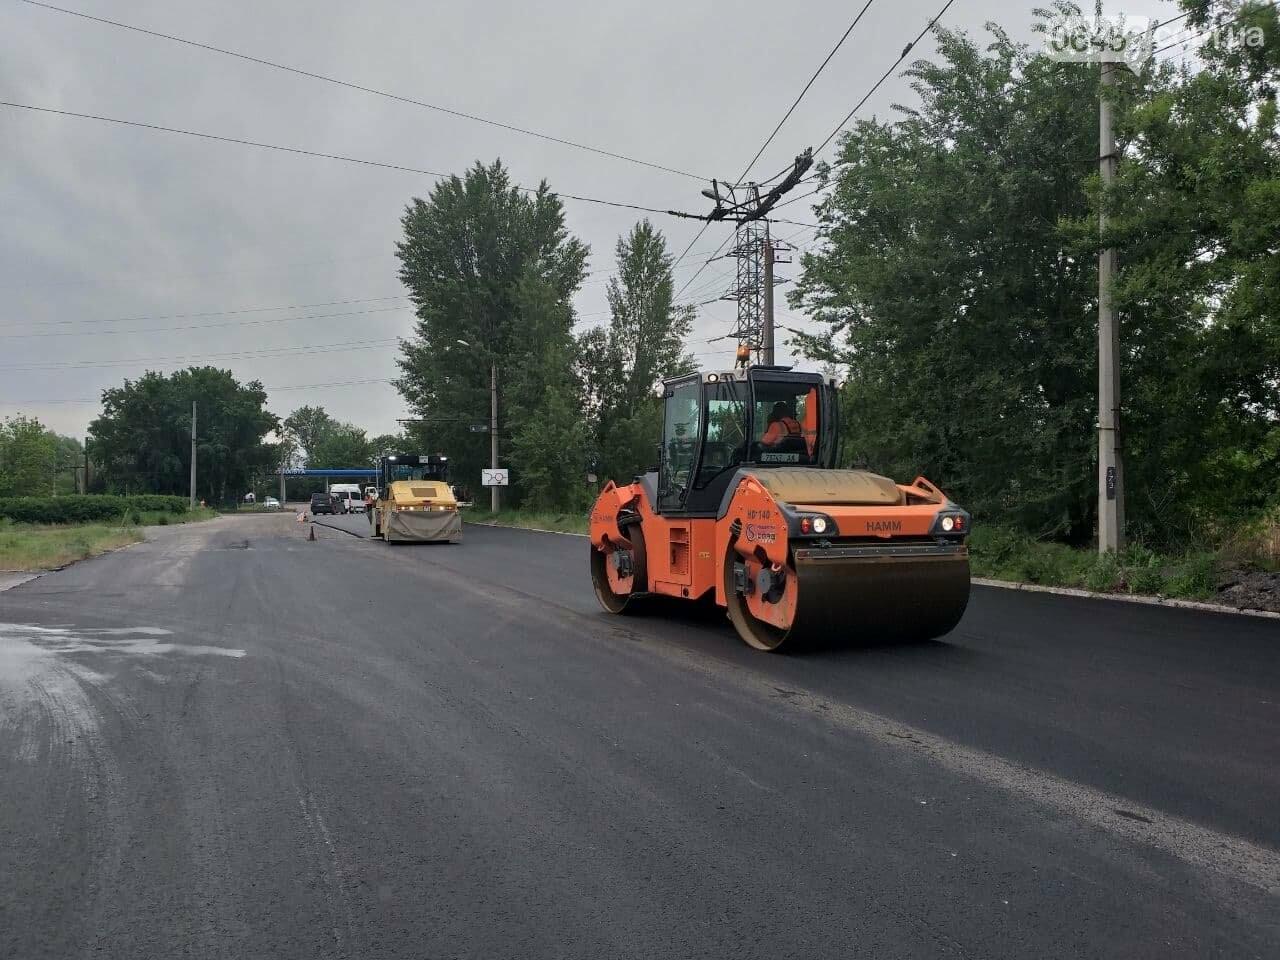 Ограничено движение троллейбусов и перекрыт пойменный мост: в Северодонецке ремонтируют дорогу, фото-9